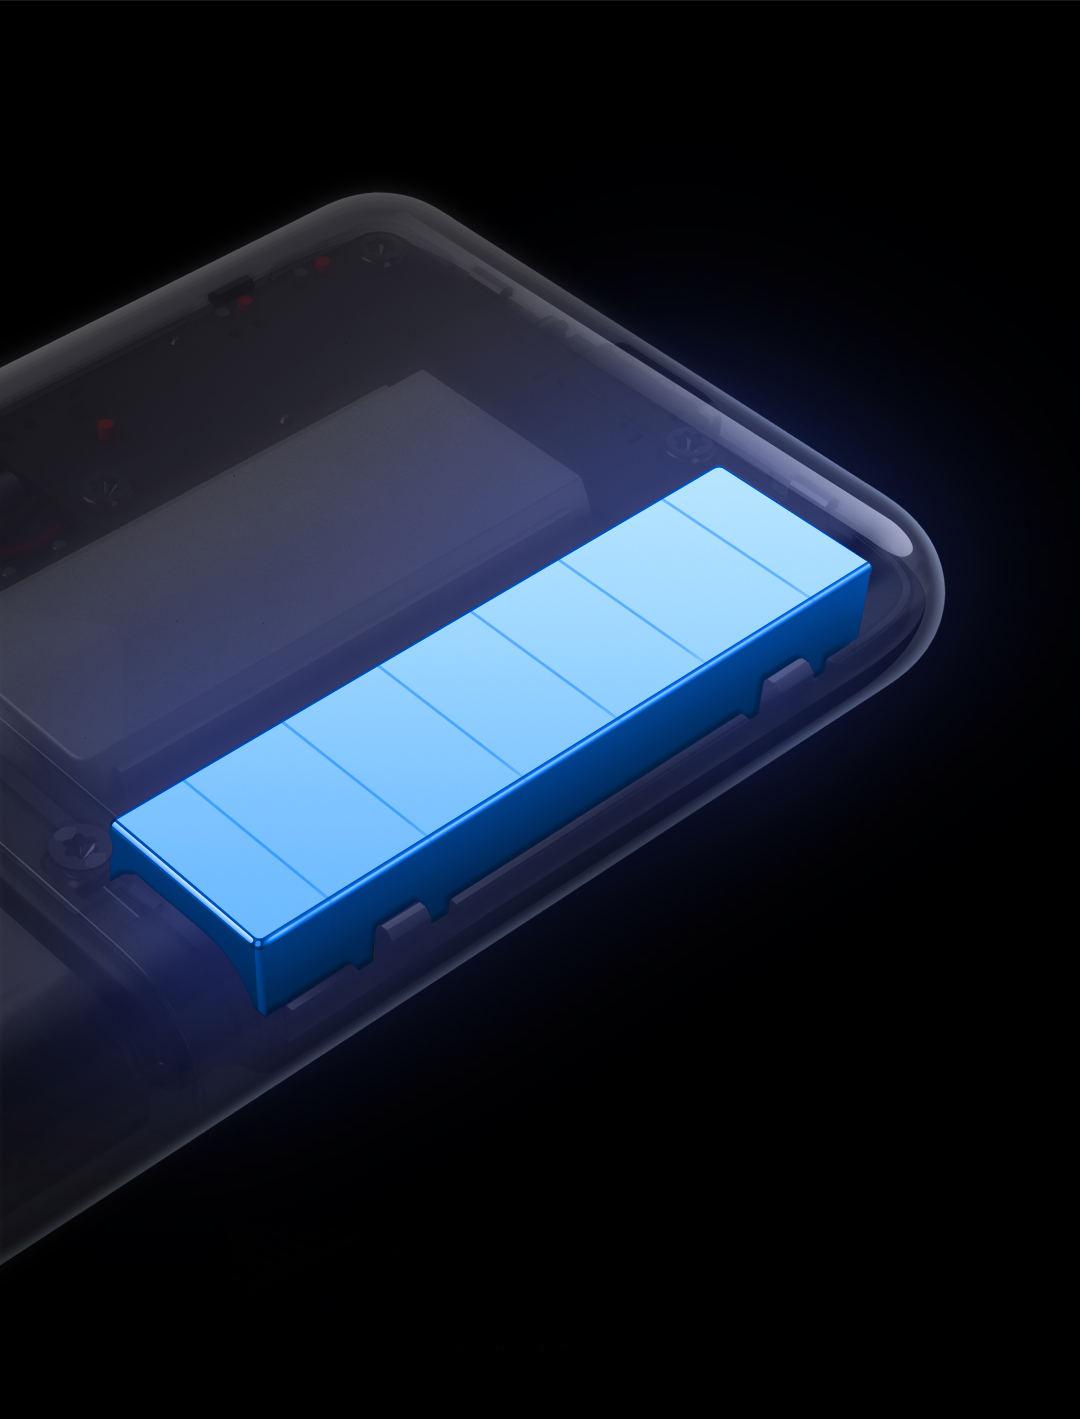 Máy Cạo Râu Cao Cấp Xiaomi - Hàng nhập khẩu